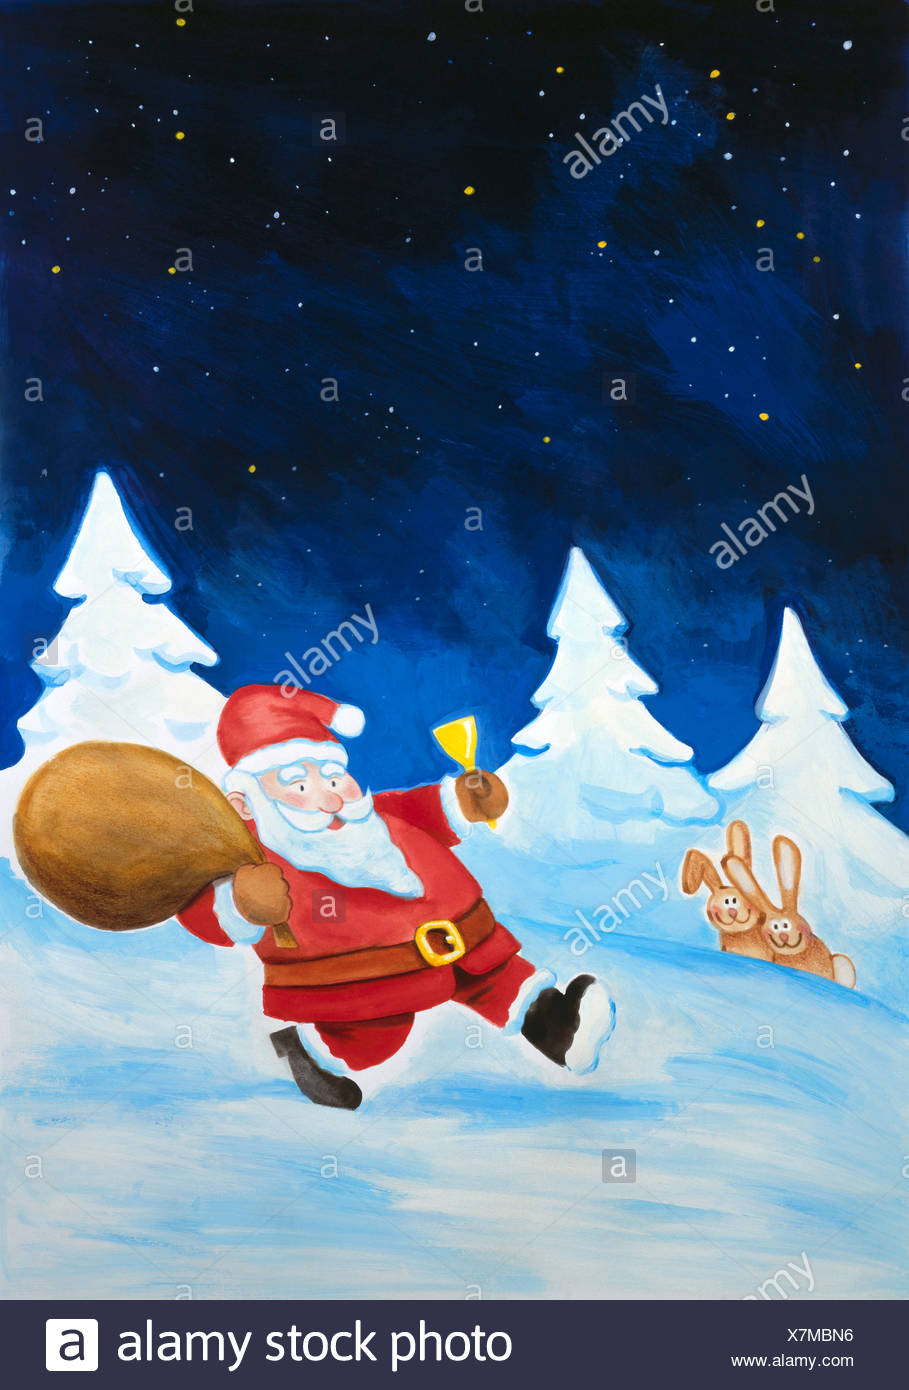 Santa Claus trae regalos, ilustración Imagen De Stock